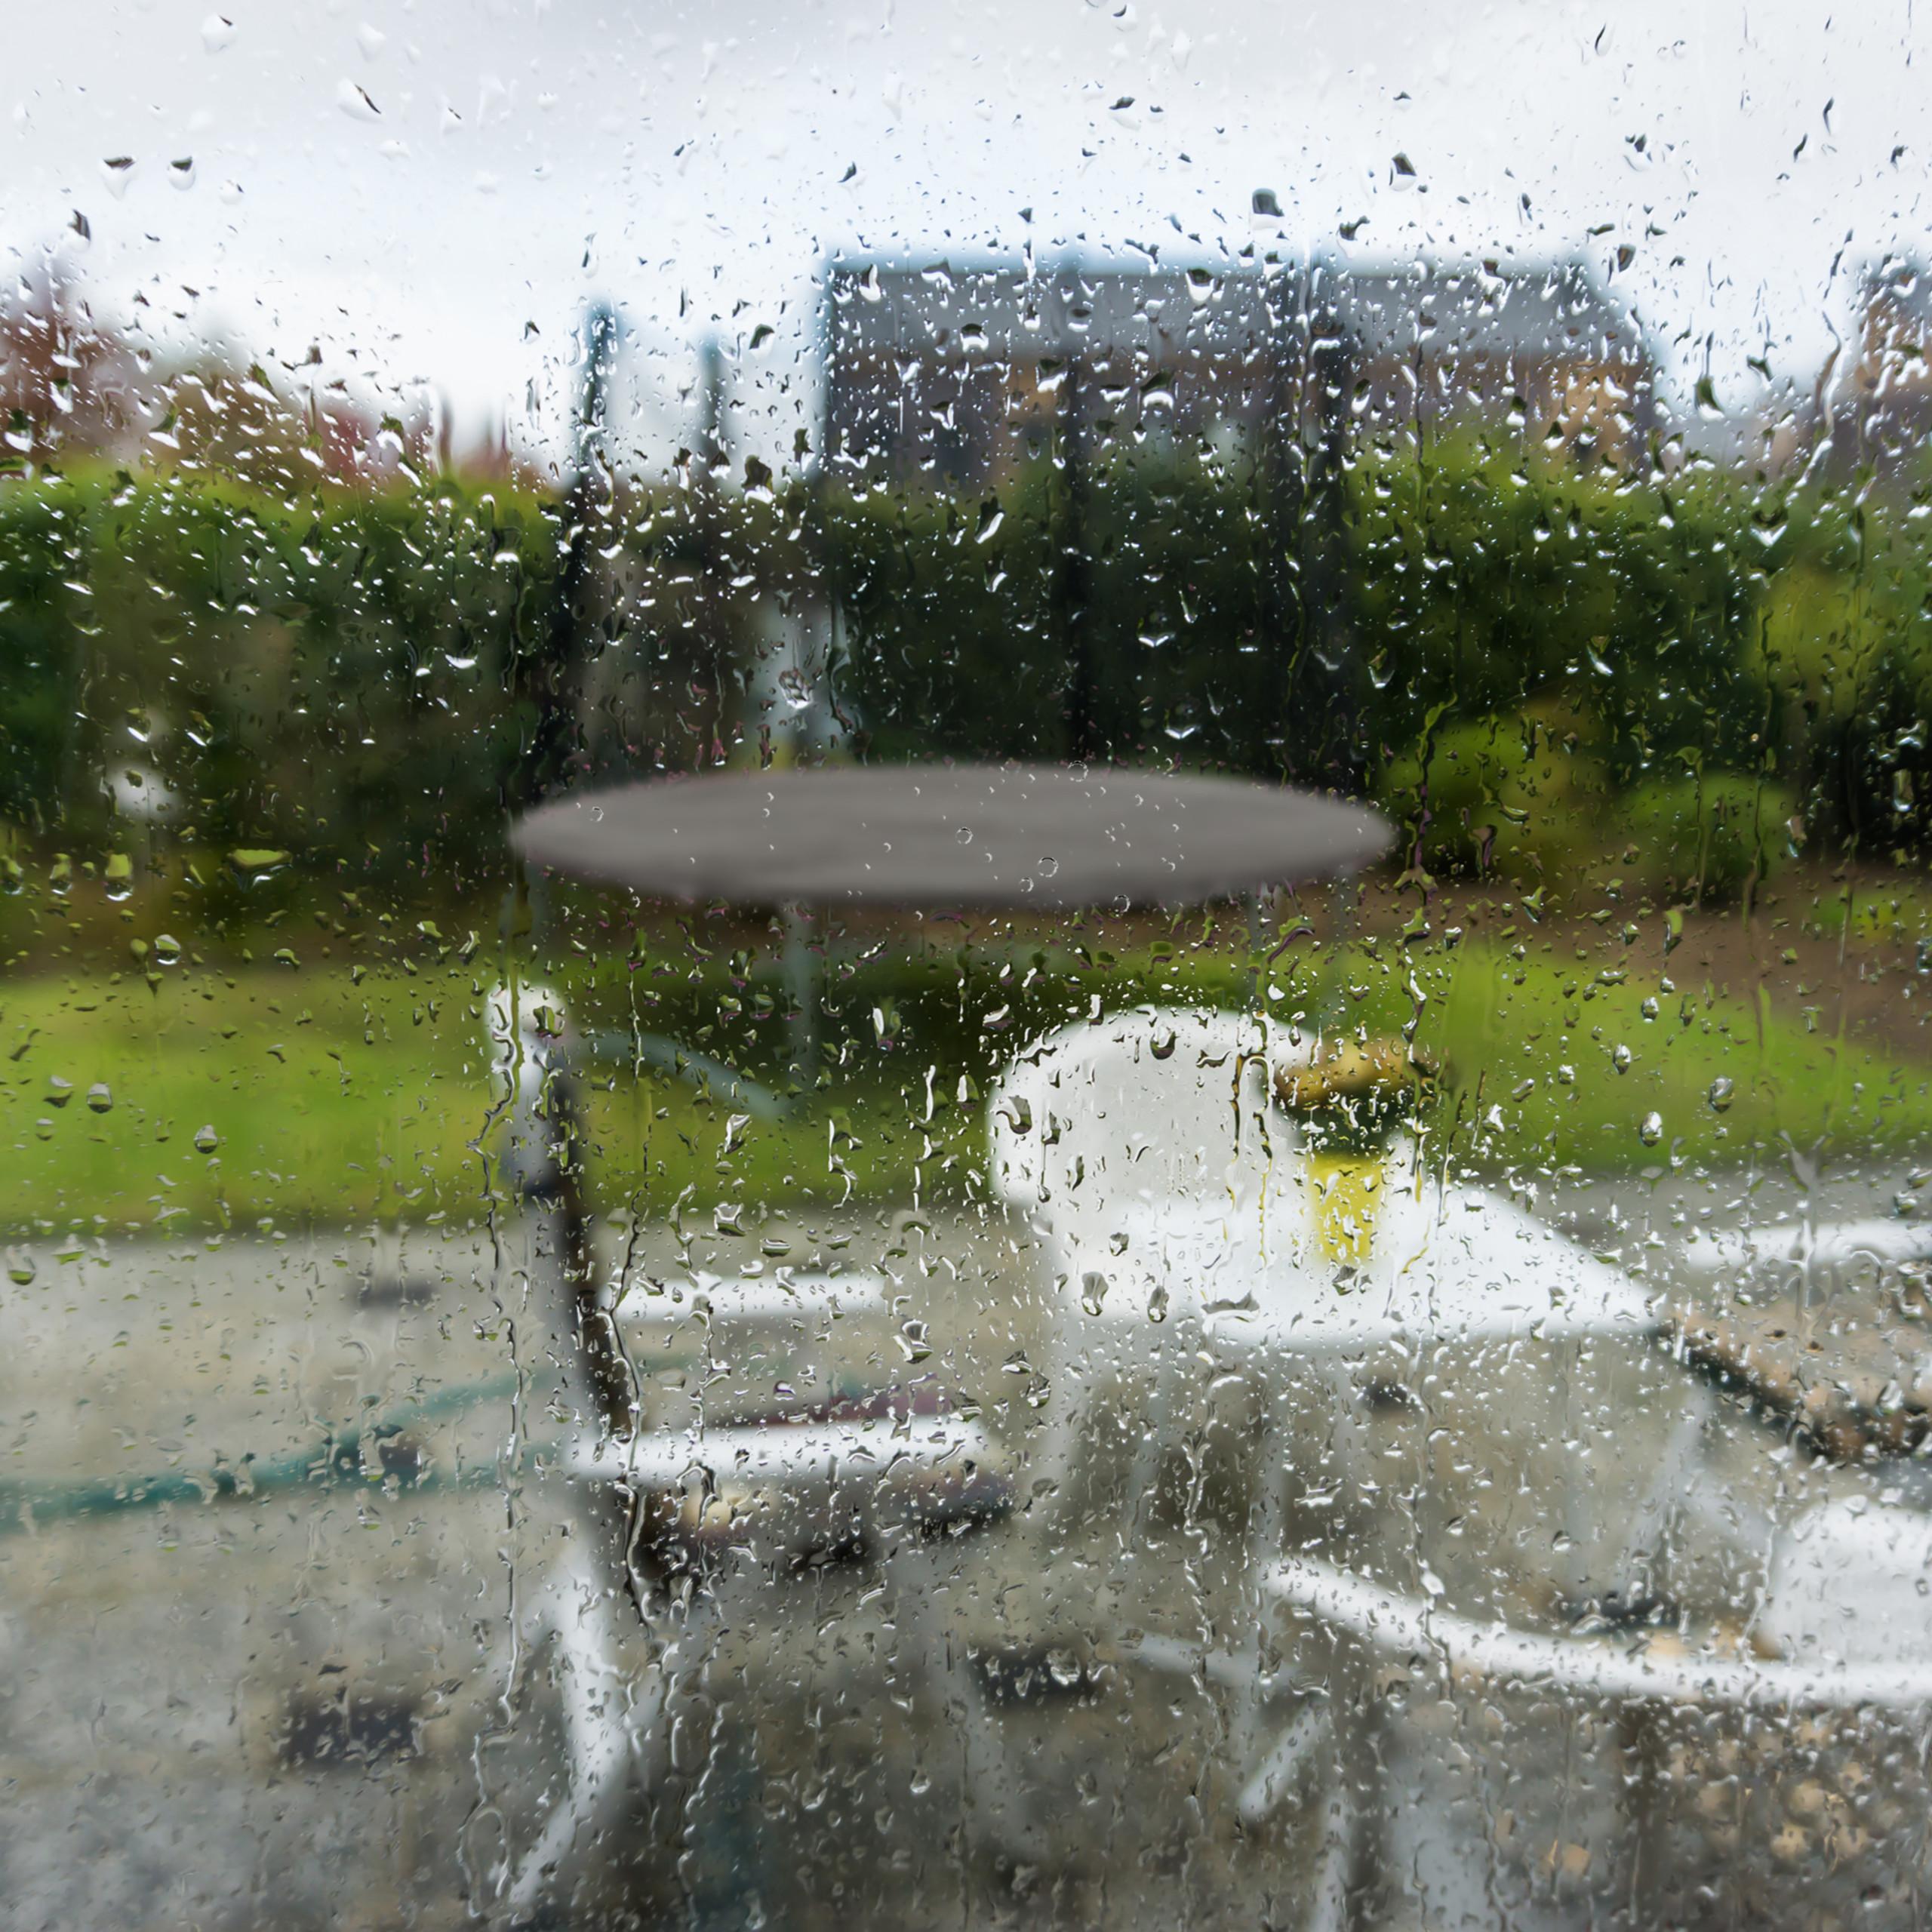 Housse-de-Protection-pour-Trampoline-Bache-pluie-vent-jardin-intemperies miniature 20